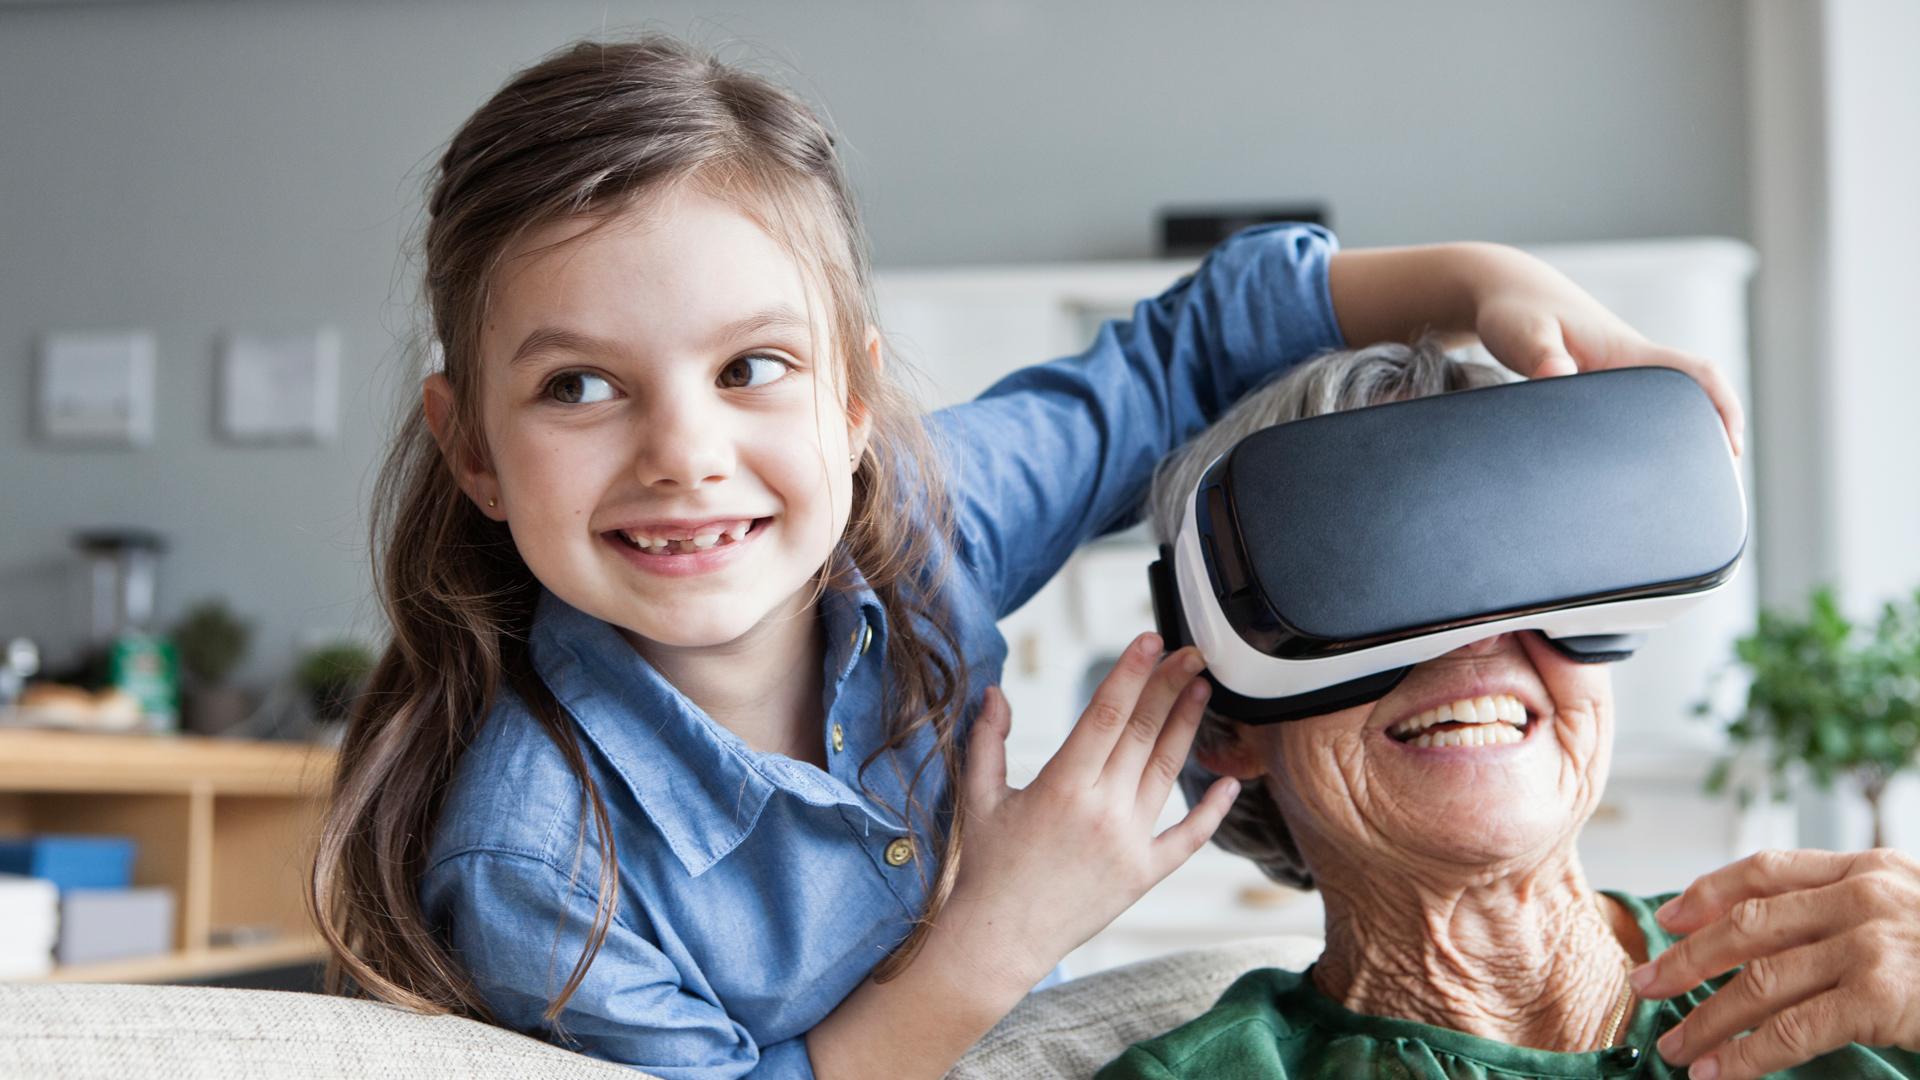 Ein Mädchen und eine ältere Frau, die eine VR-Brille trägt. Beide lachen.